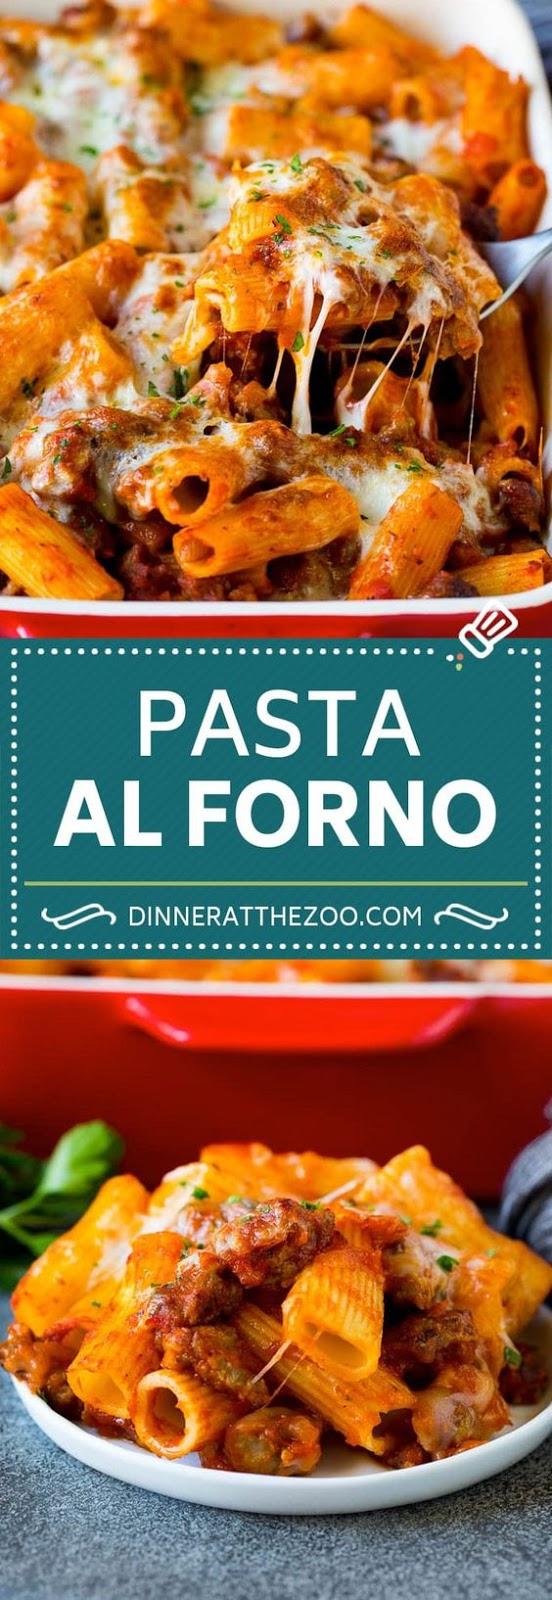 Best Pasta al Forno